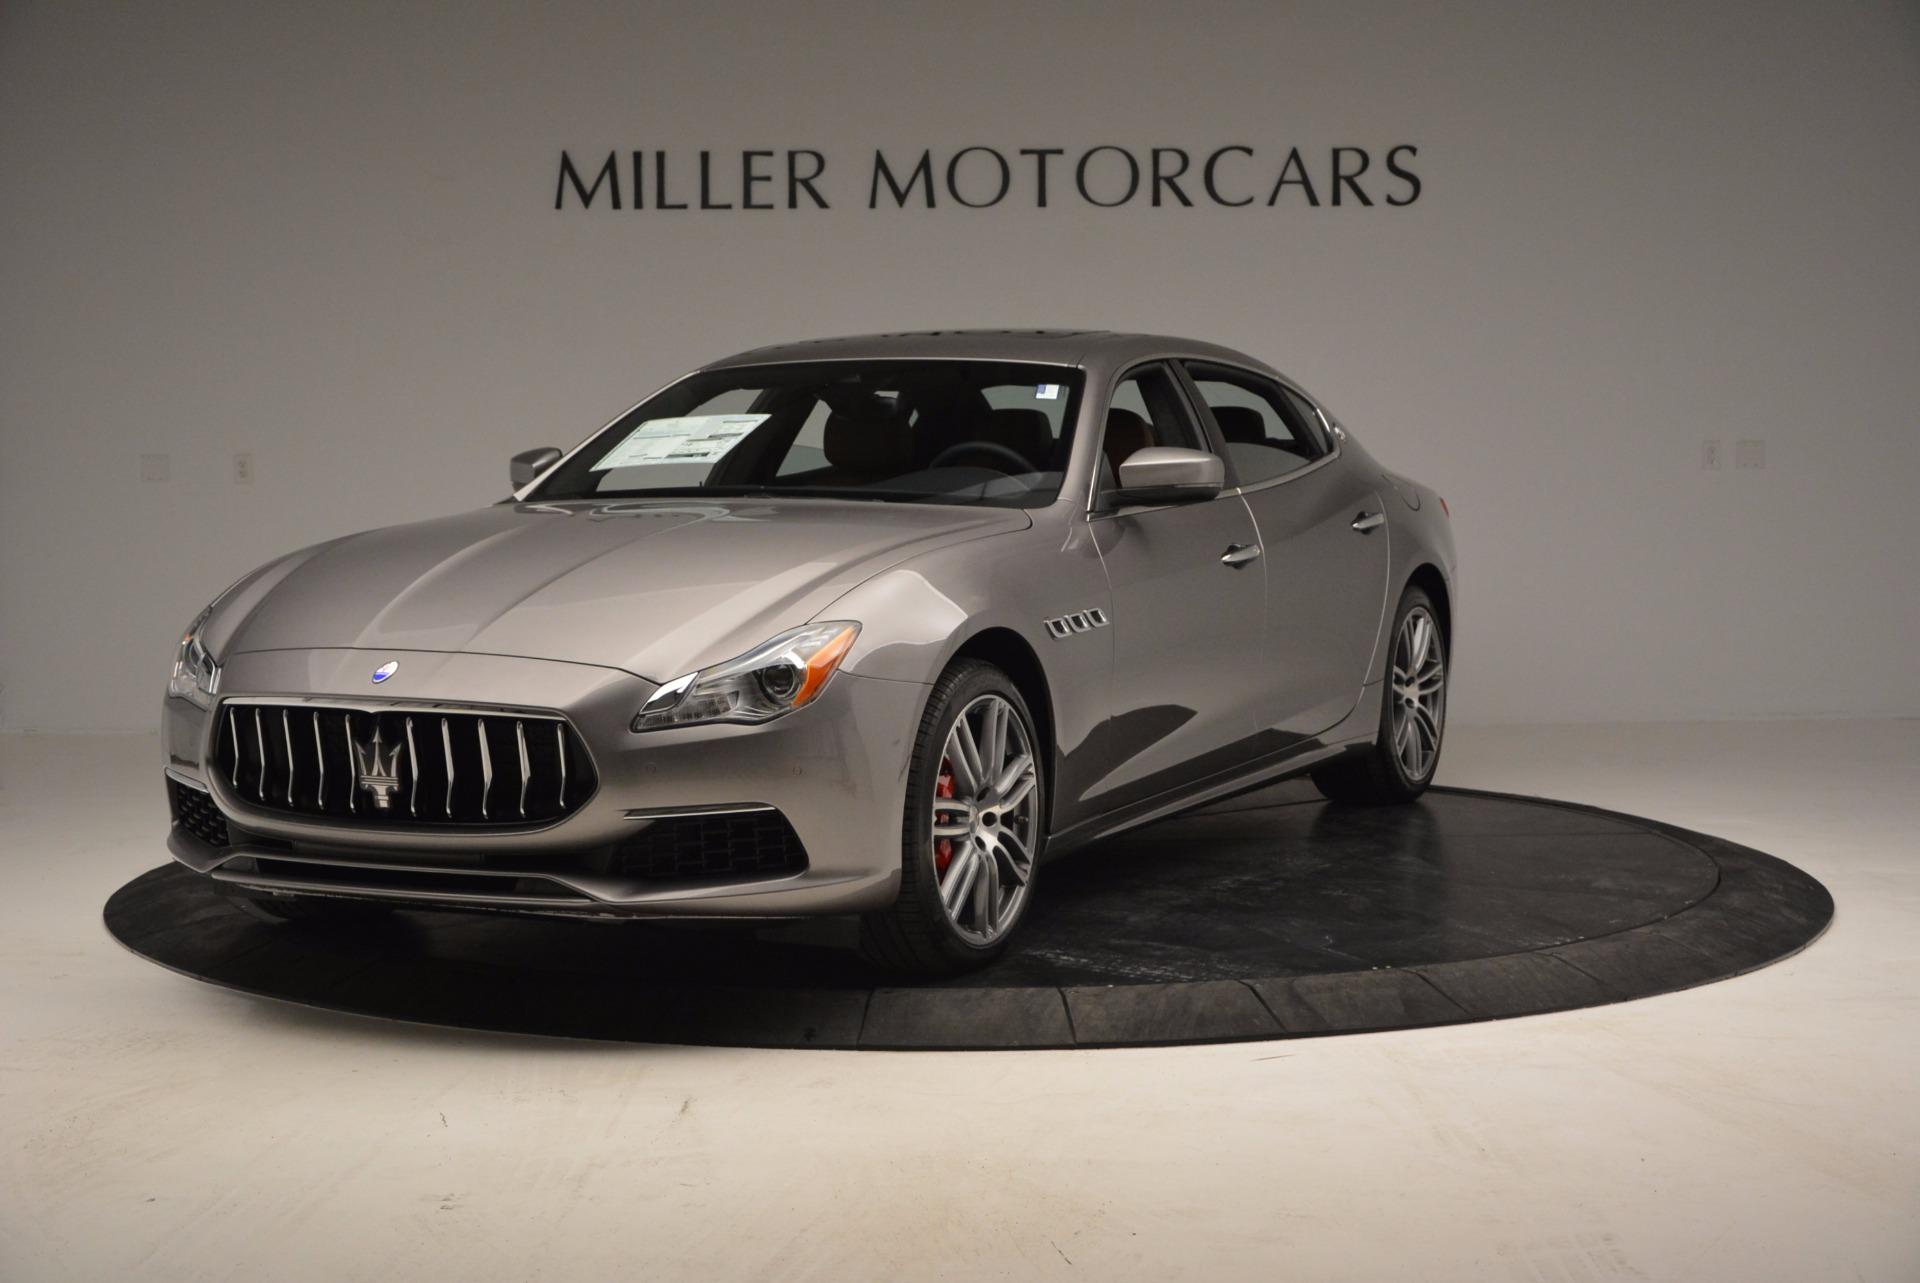 New 2017 Maserati Quattroporte S Q4 GranLusso For Sale In Greenwich, CT 728_main